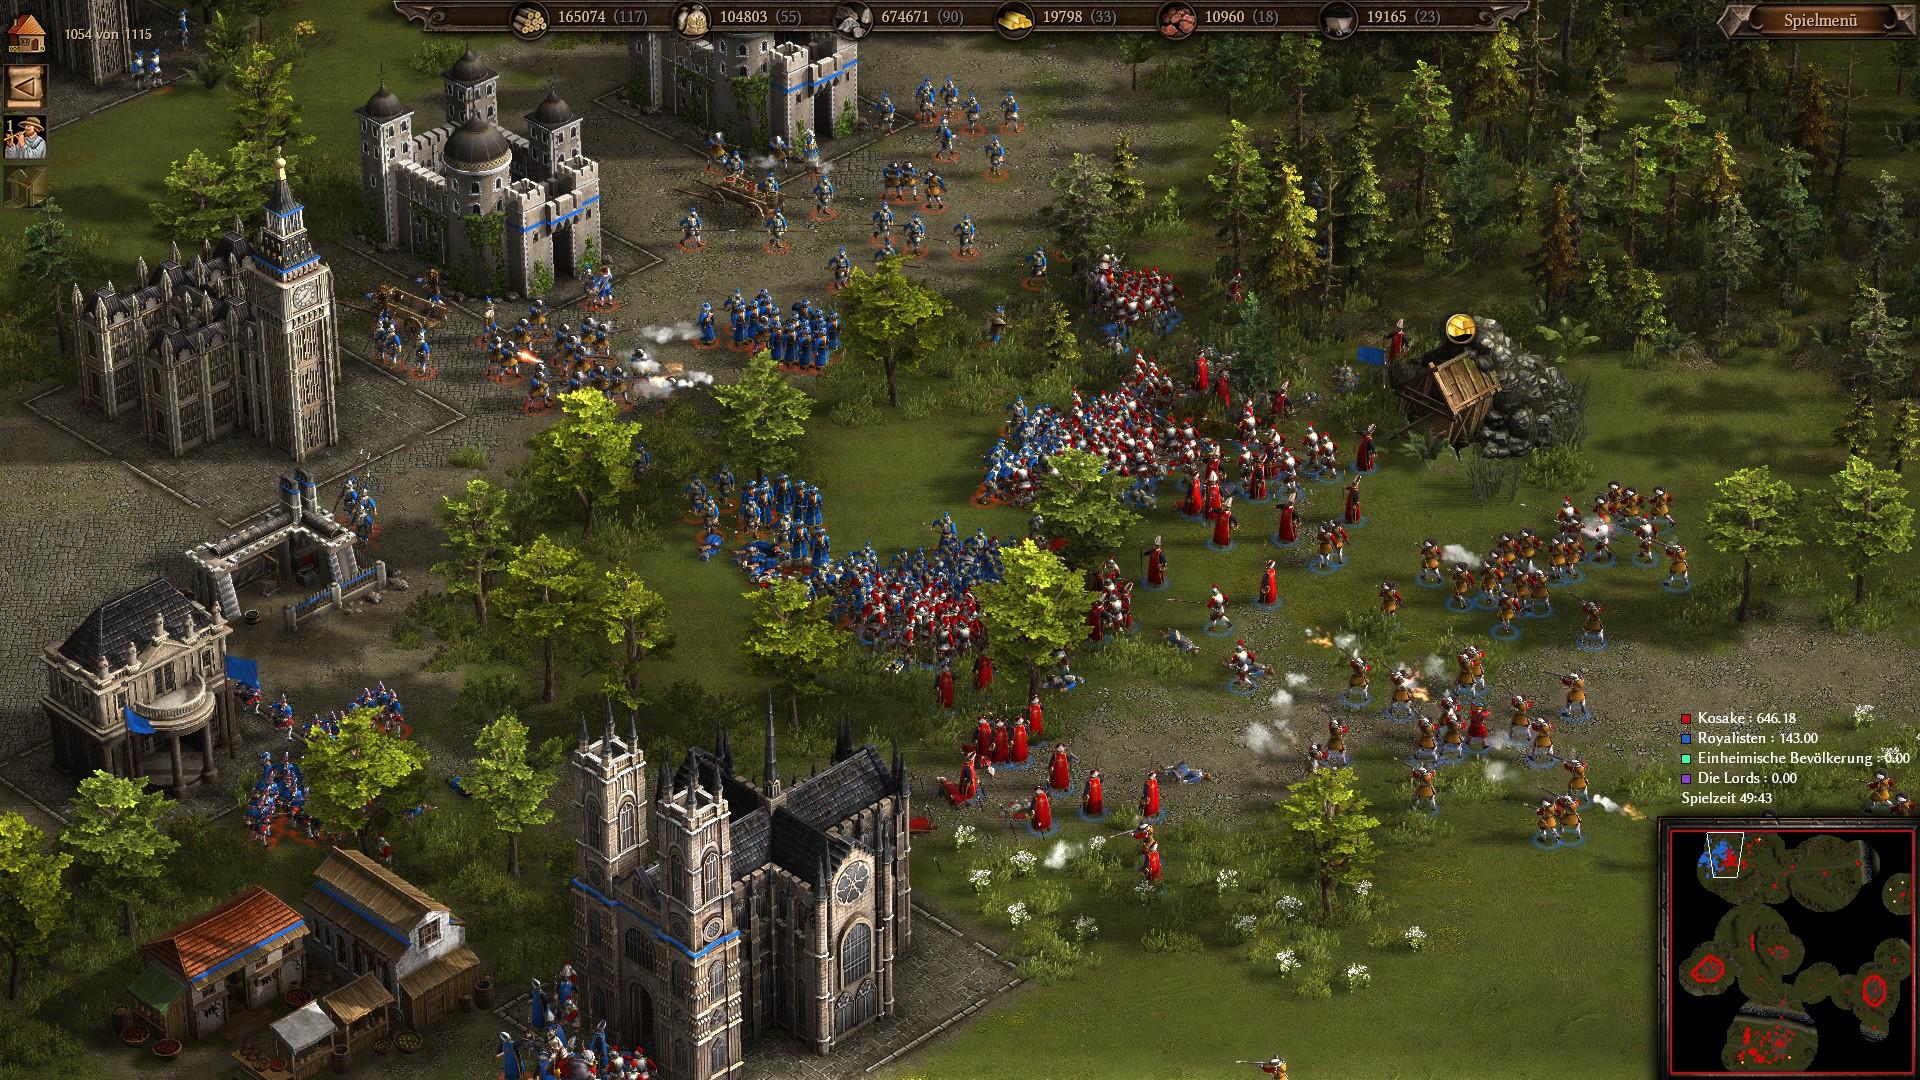 Cossacks 3 - Angriff auf eine Stadt